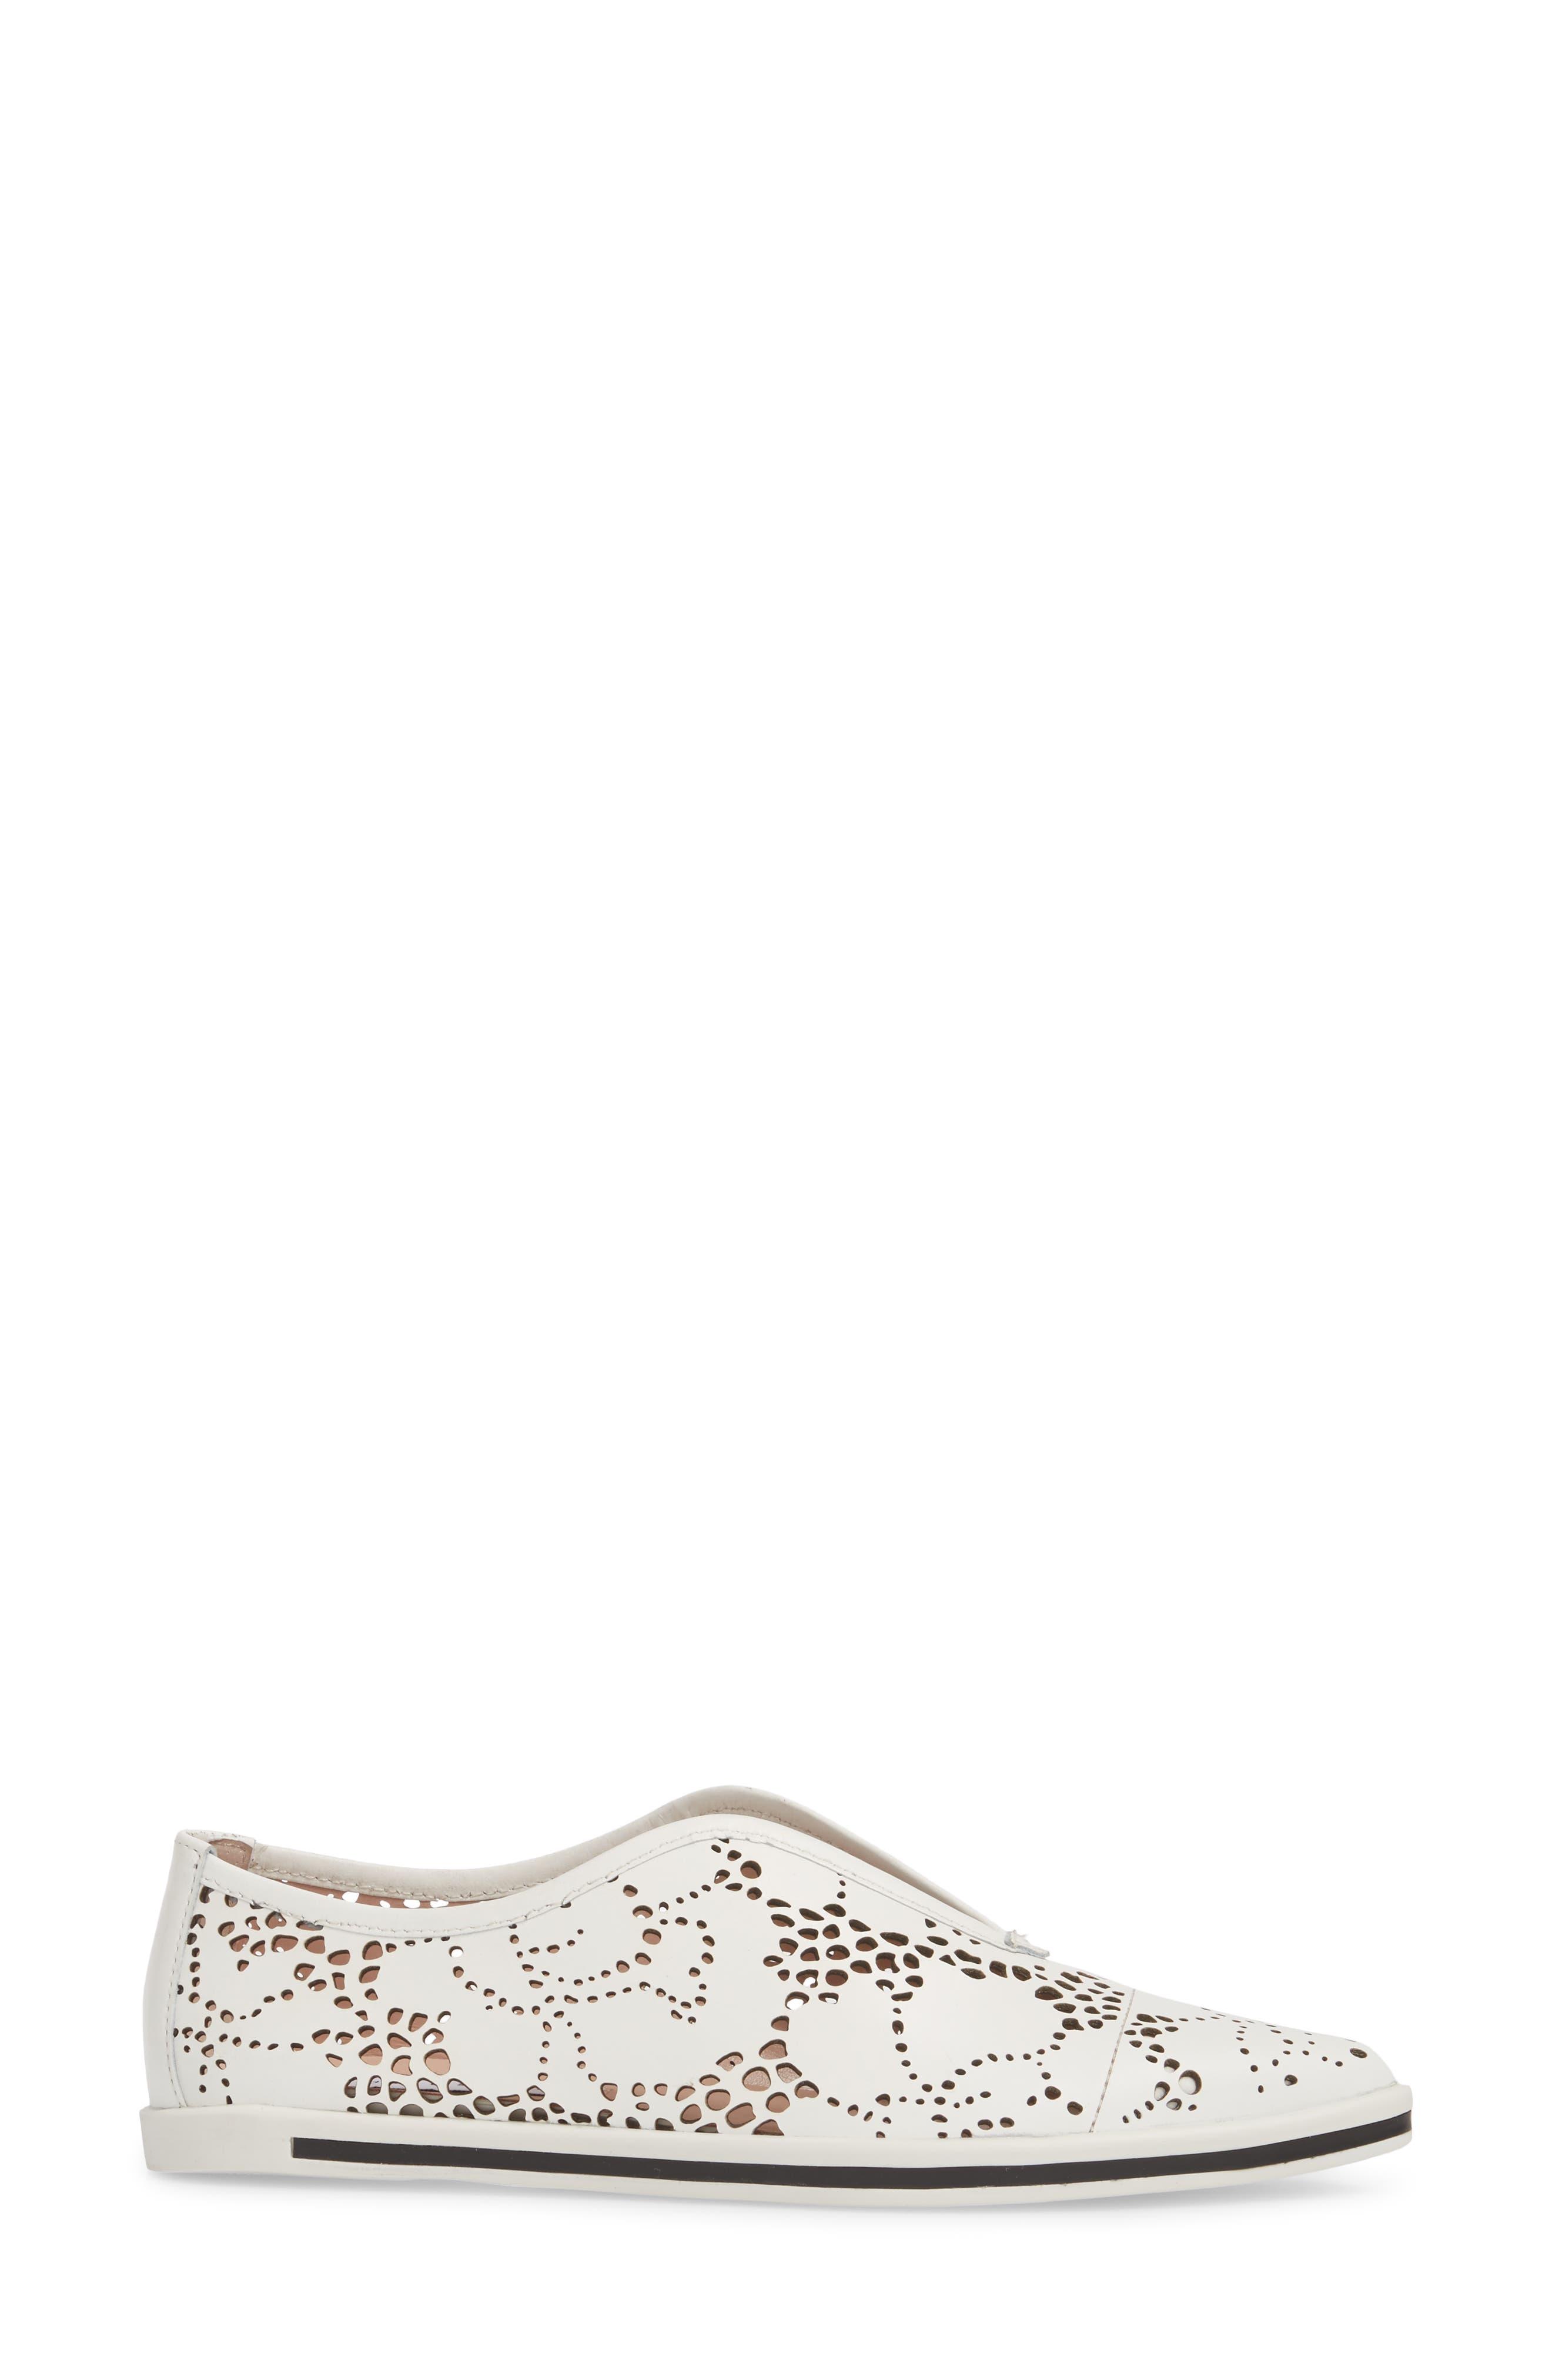 Tisha II Slip-On Sneaker,                             Alternate thumbnail 3, color,                             White Leather